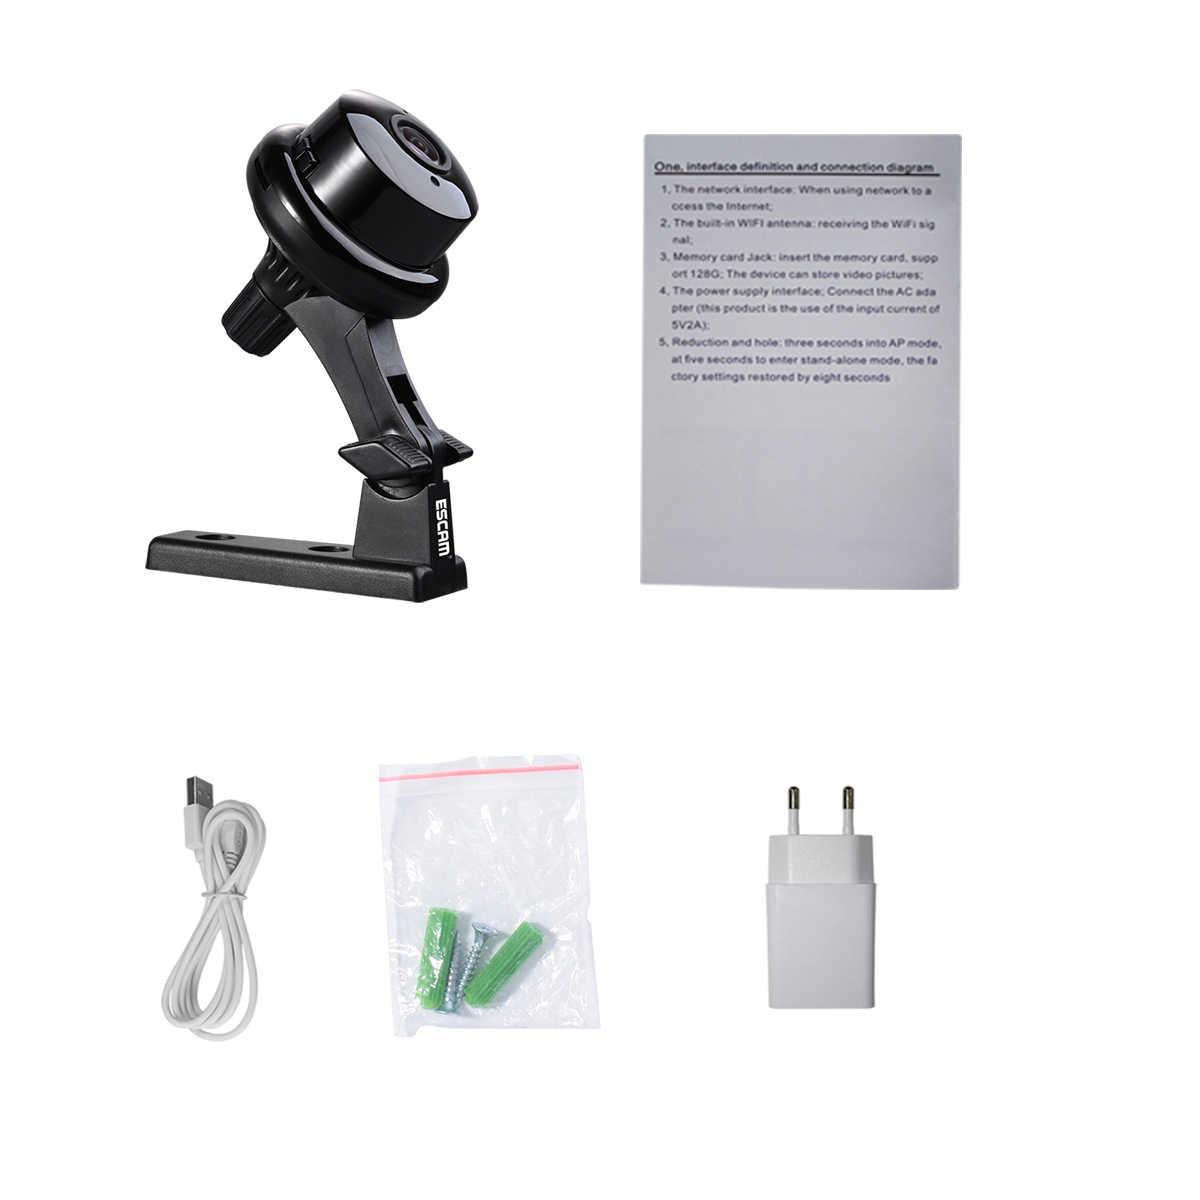 ESCAM Q6 1.0MP 720P Кнопка мини-беспроводная камера Wifi двухсторонняя голосовая домашняя IR-CUT ночного видения CCTV Домашняя безопасность ip-камера Wi-Fi